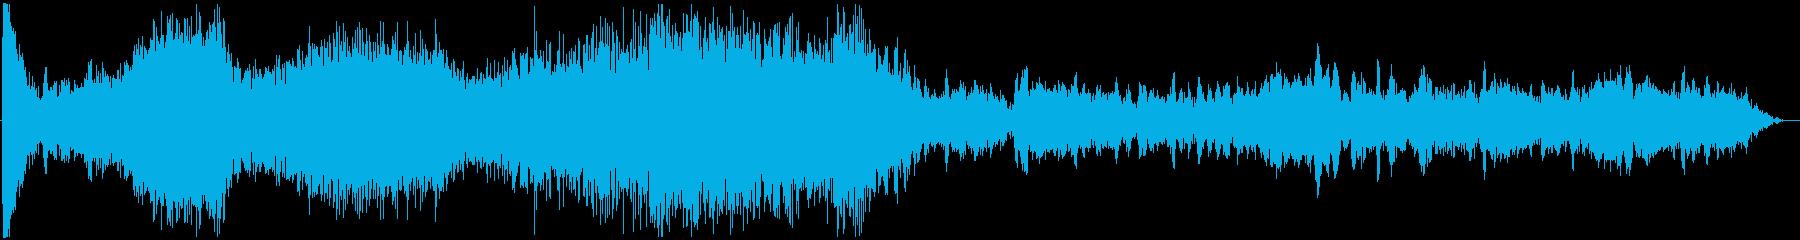 イメージ 低攻撃02の再生済みの波形